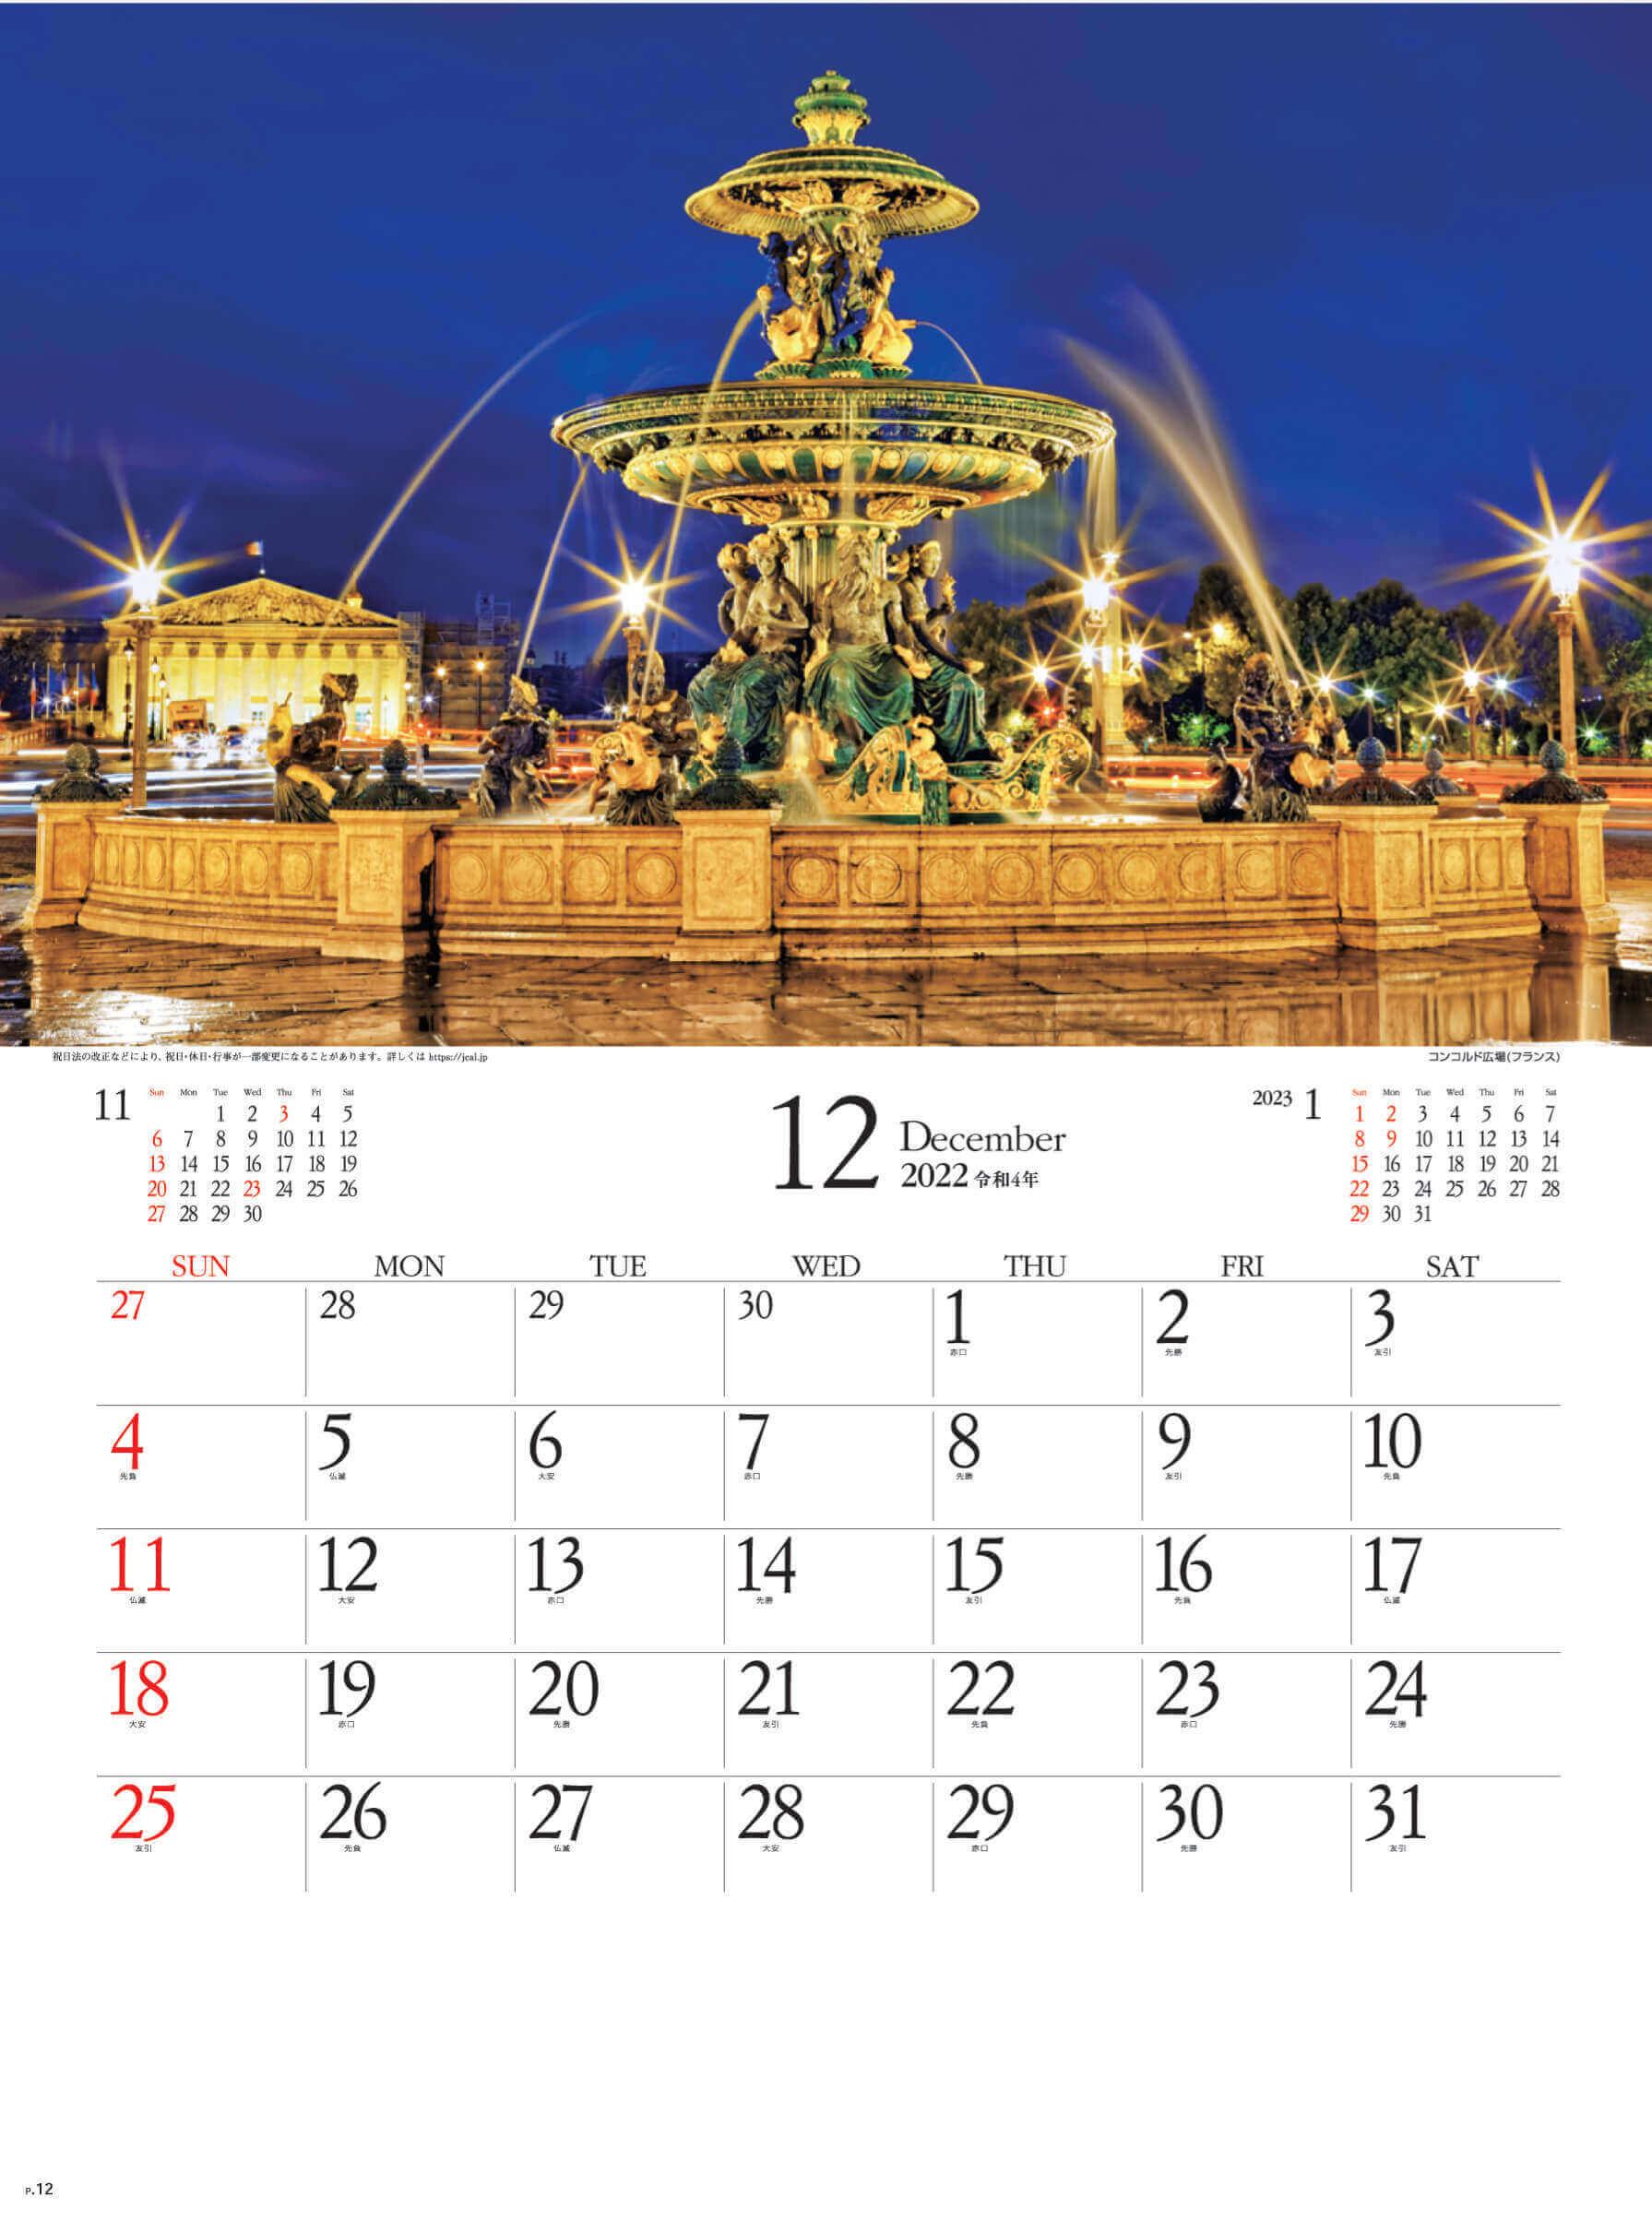 12月 コンコルド広場 フランス エンドレスシティ・世界の夜景 2022年カレンダーの画像